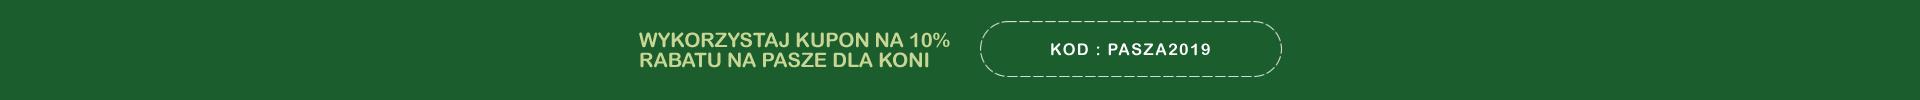 Kupon 10%